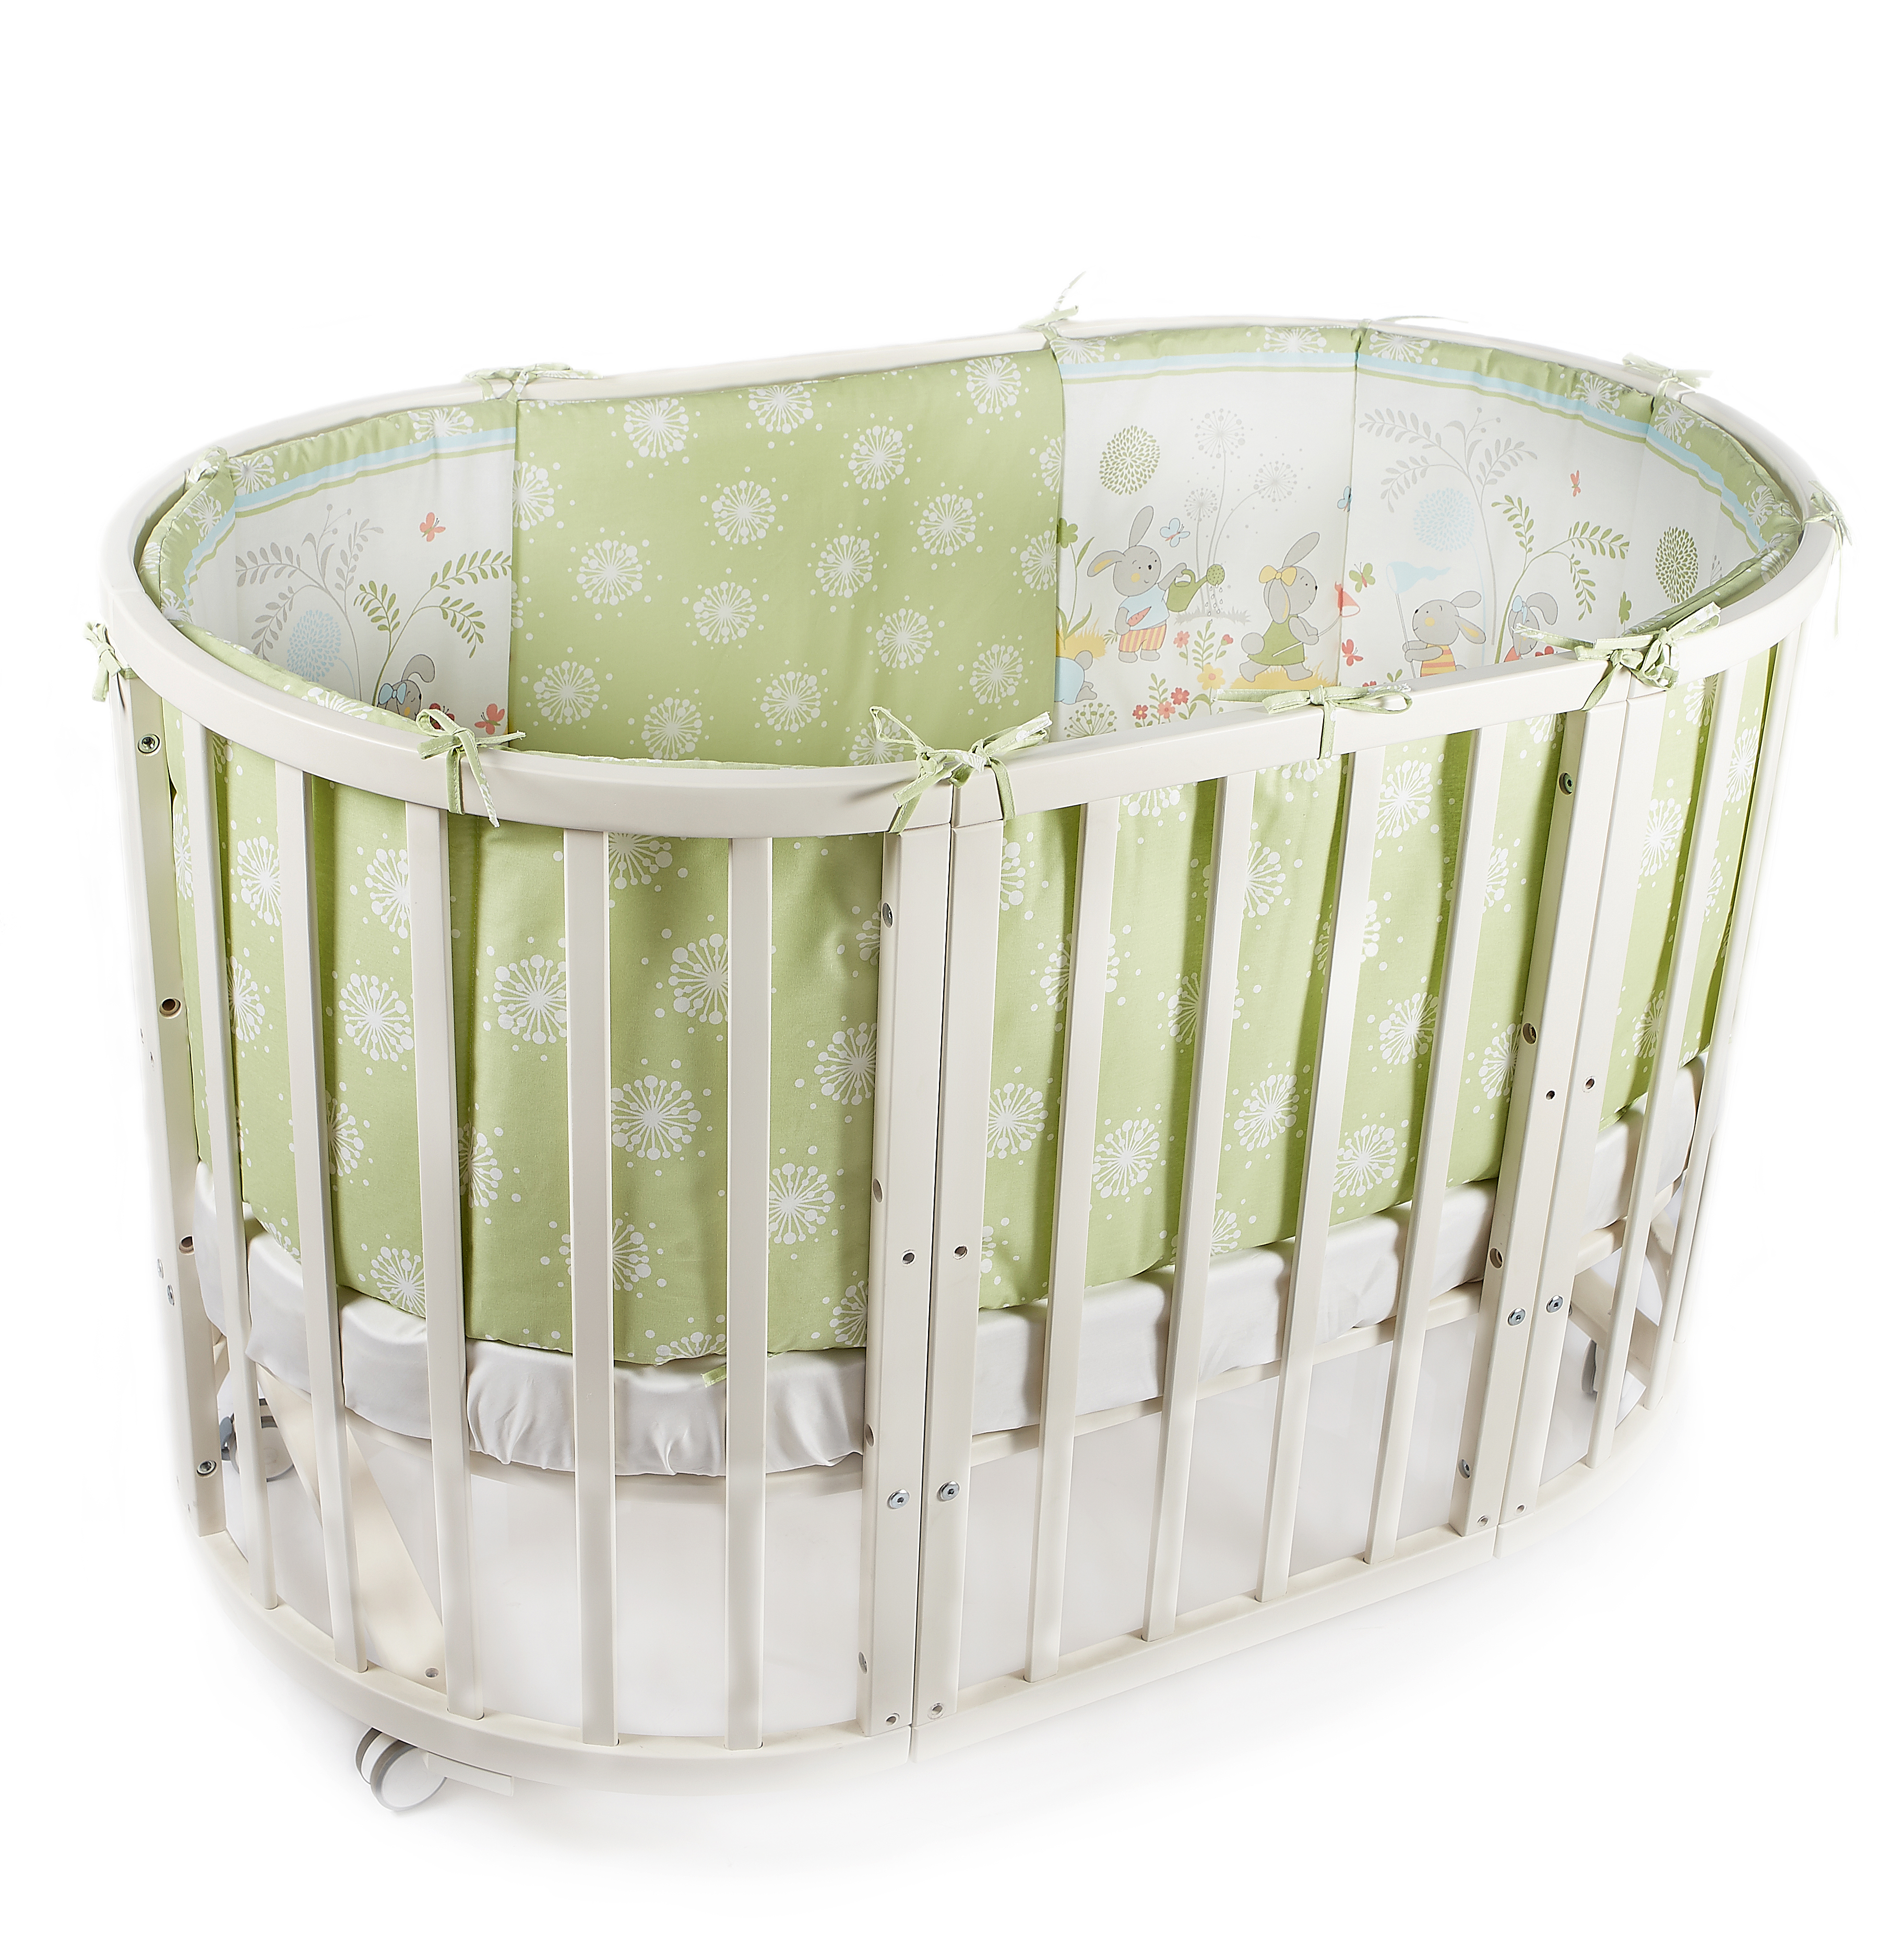 Комплект в кроватку - Sul prato, 6 предметов, зеленыйДетское постельное белье<br>Комплект в кроватку - Sul prato, 6 предметов, зеленый<br>